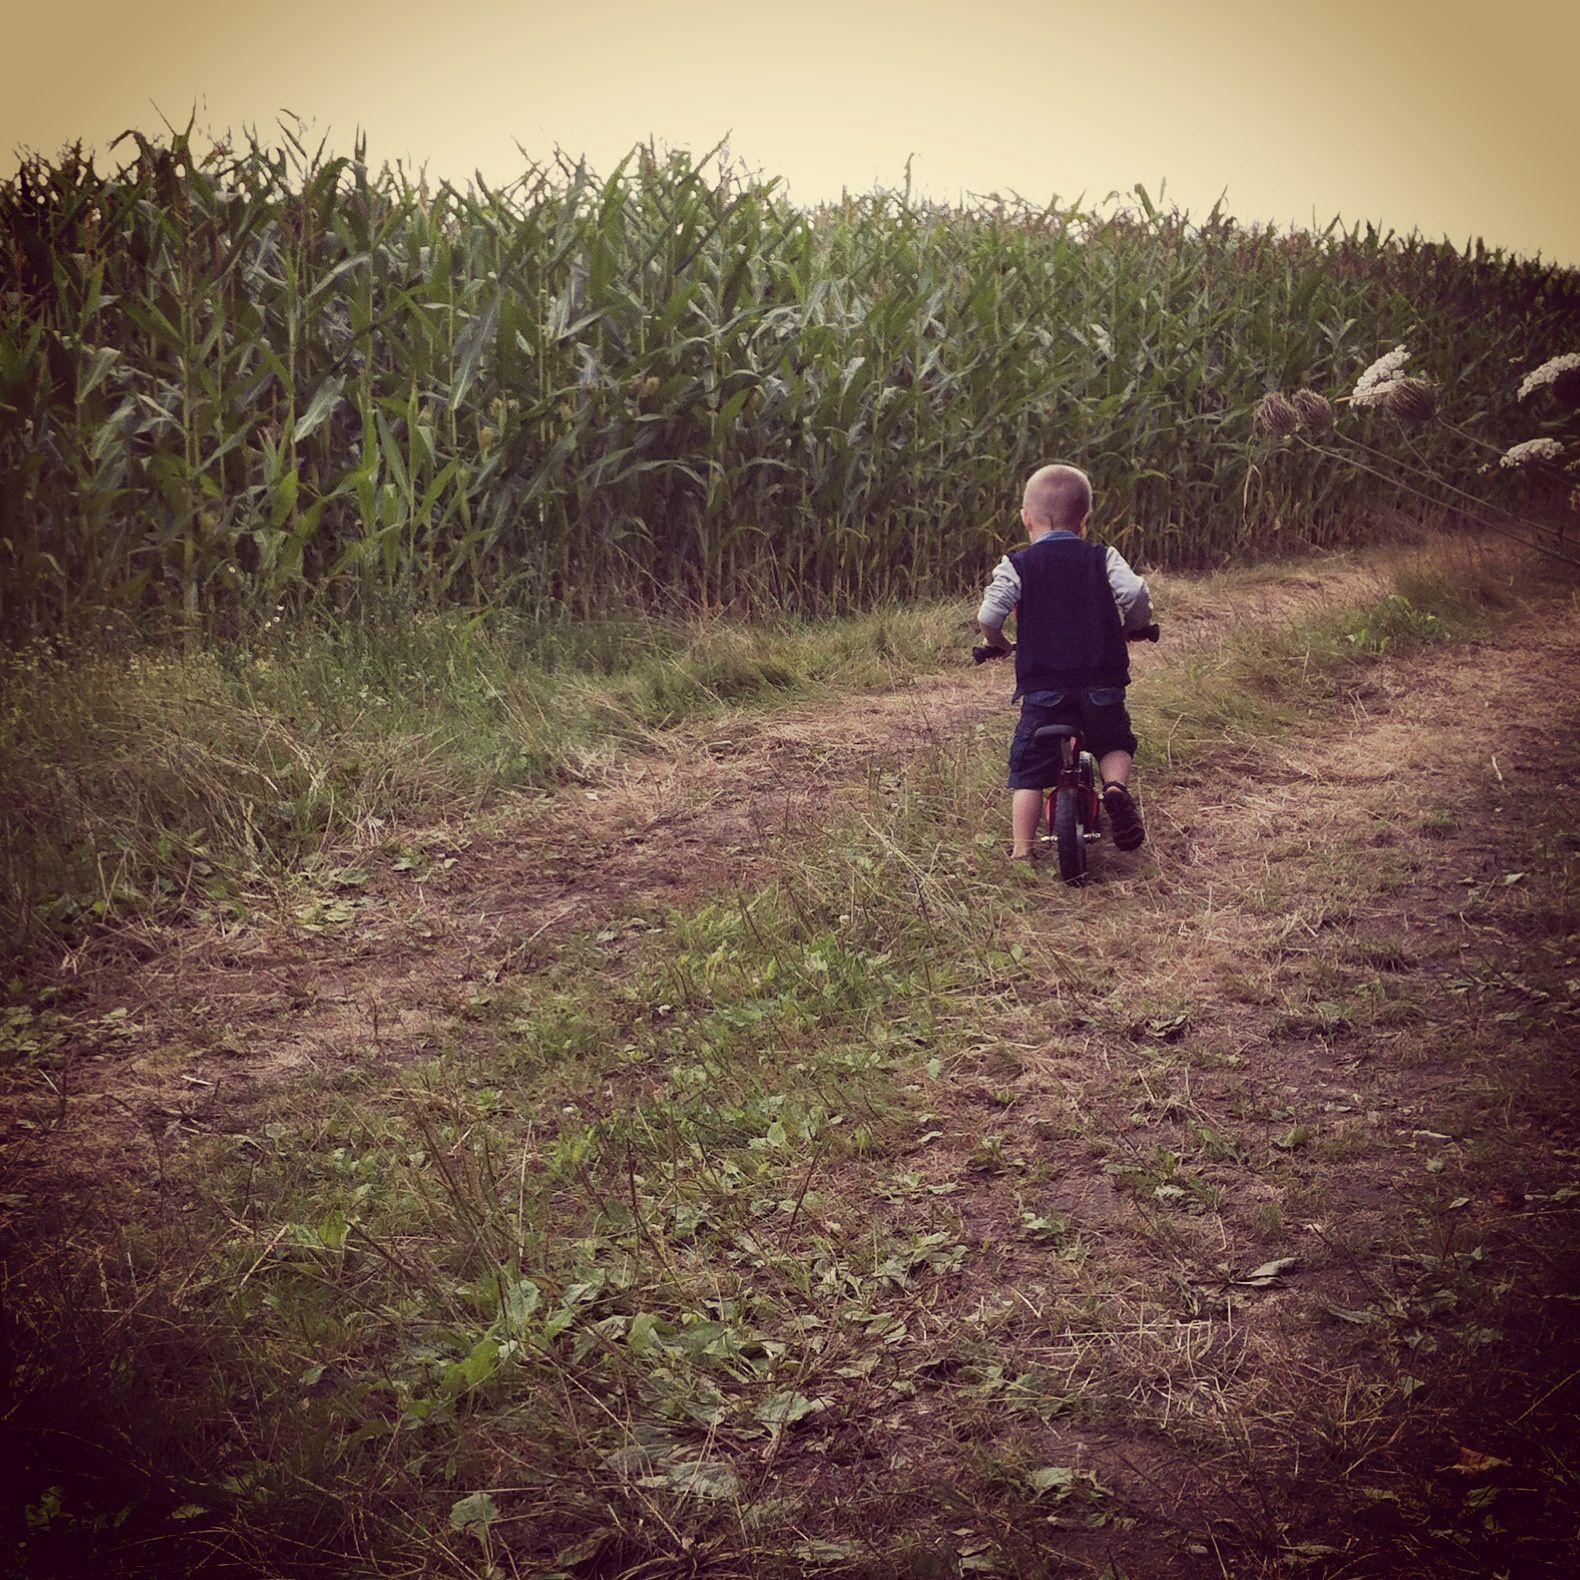 promenade à vélo dans les champs